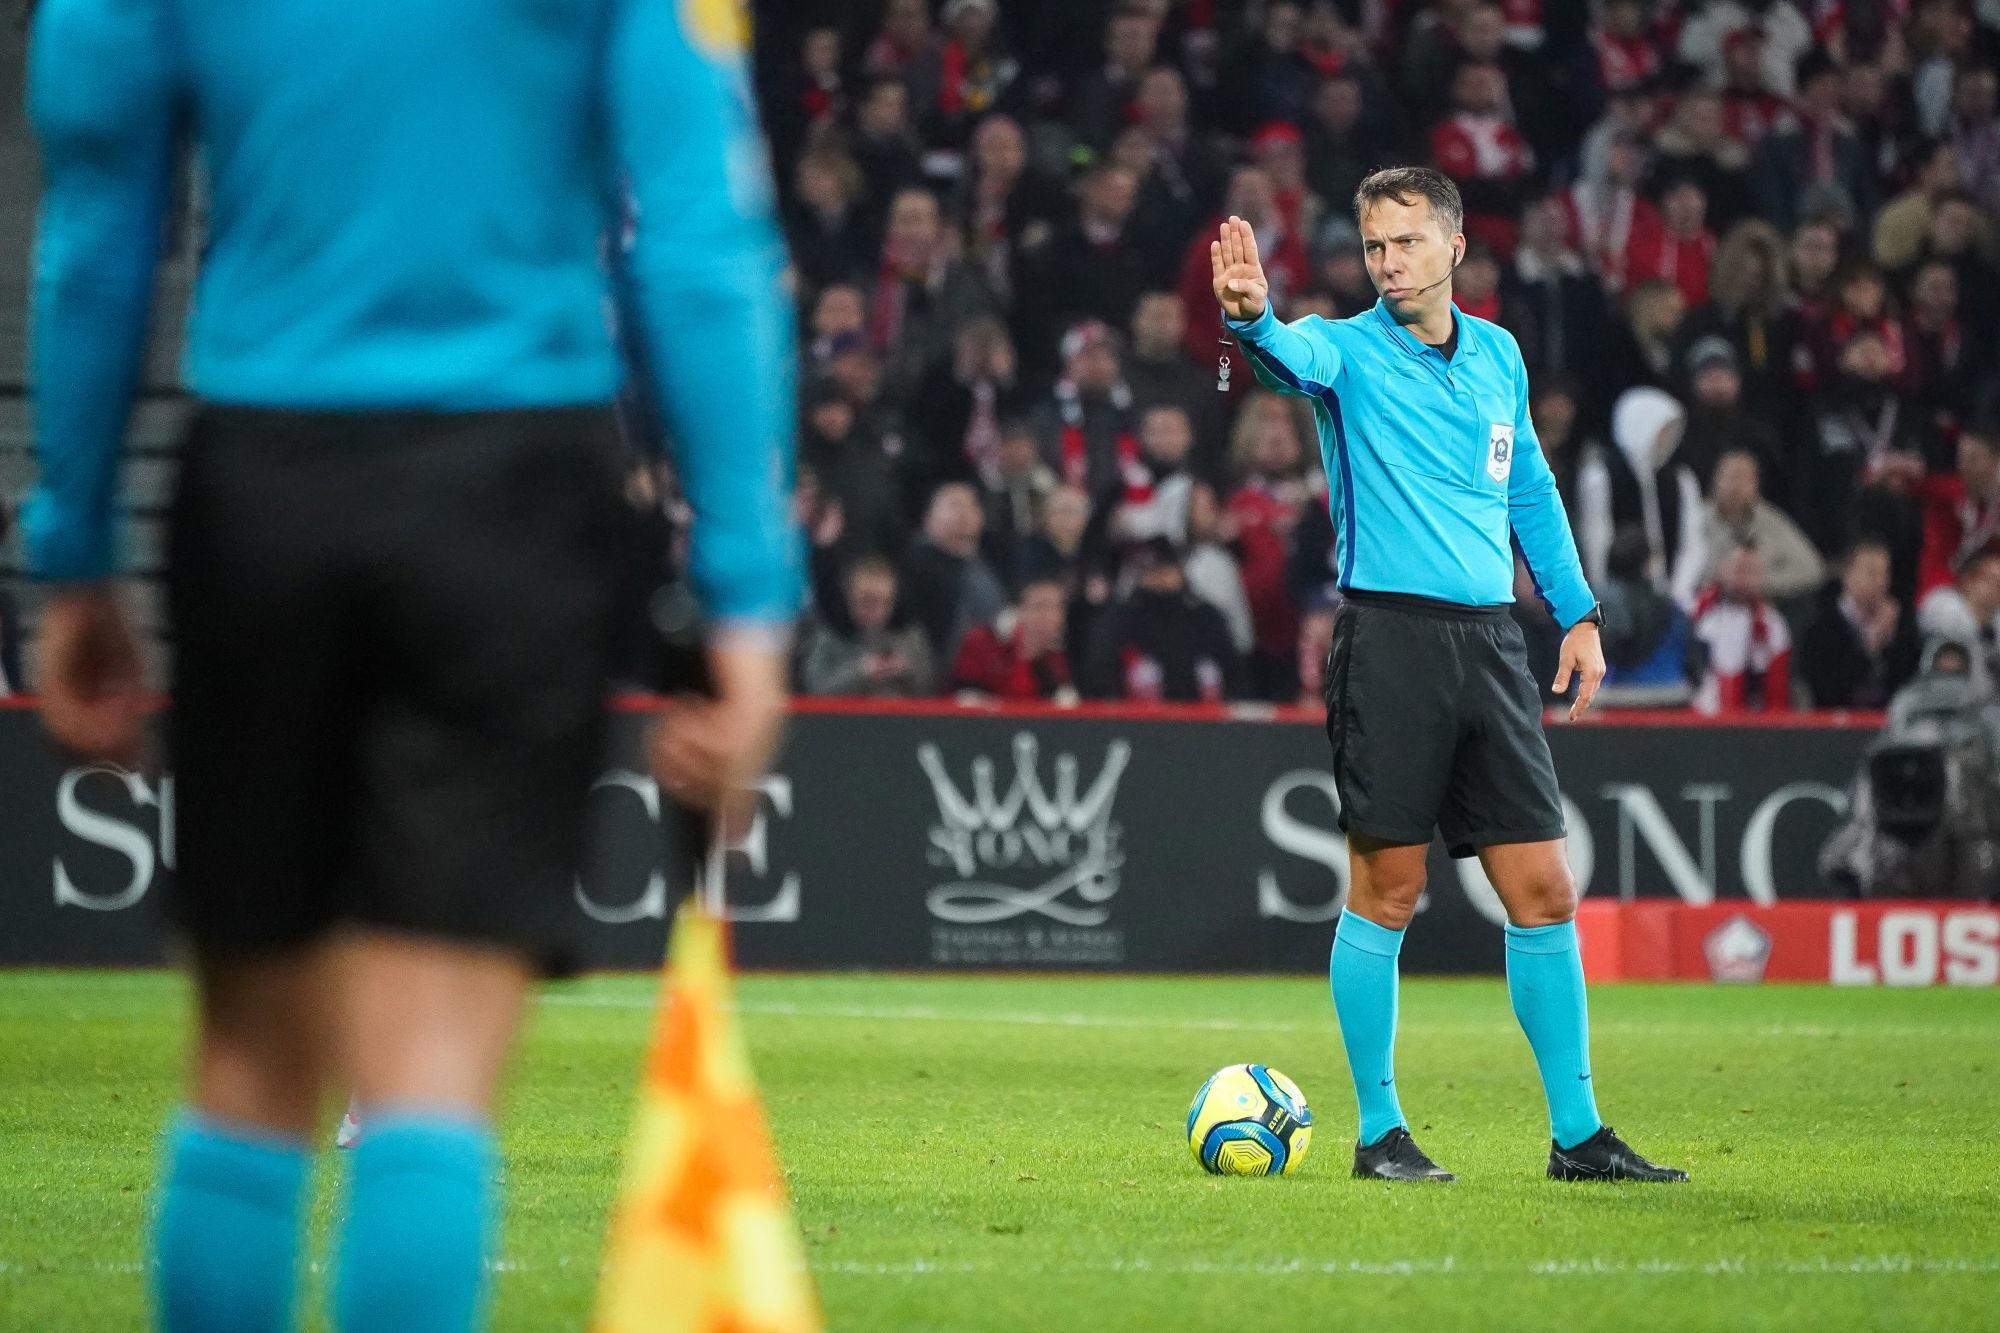 PSG/Dijon - Johan Hamel désigné arbitre du match, une tendance aux cartons et penaltys